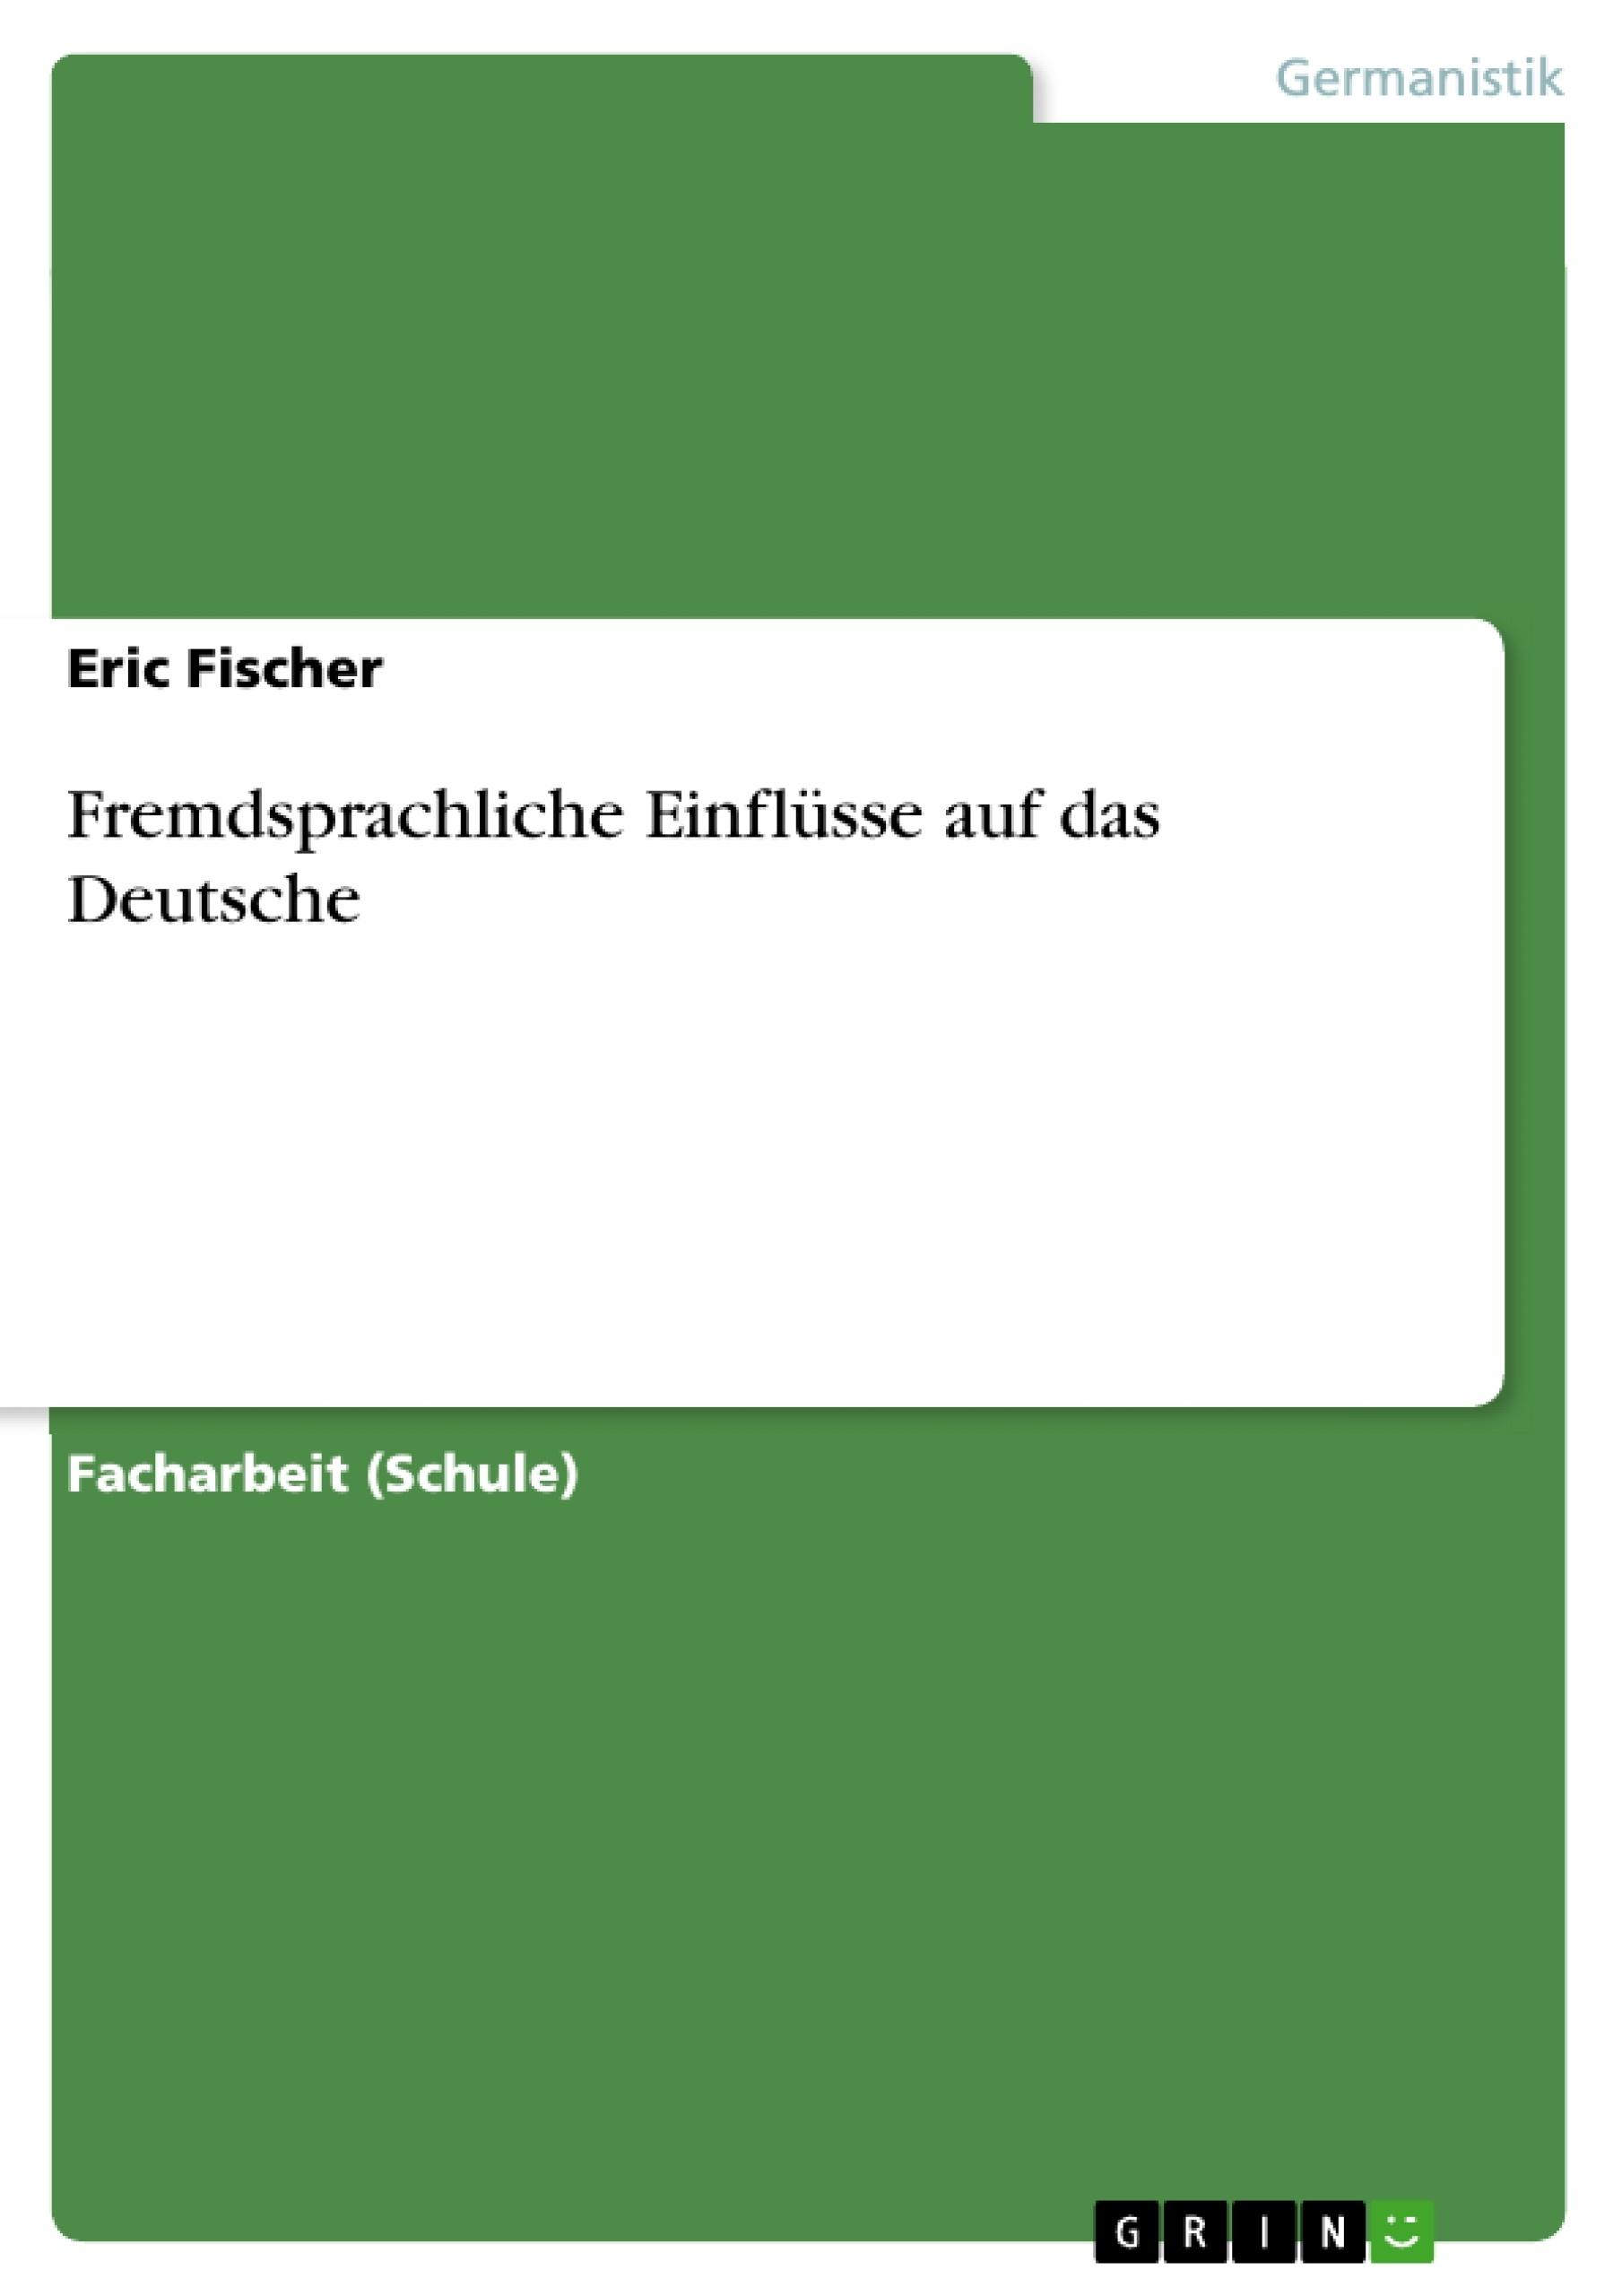 Titel: Fremdsprachliche Einflüsse auf das Deutsche